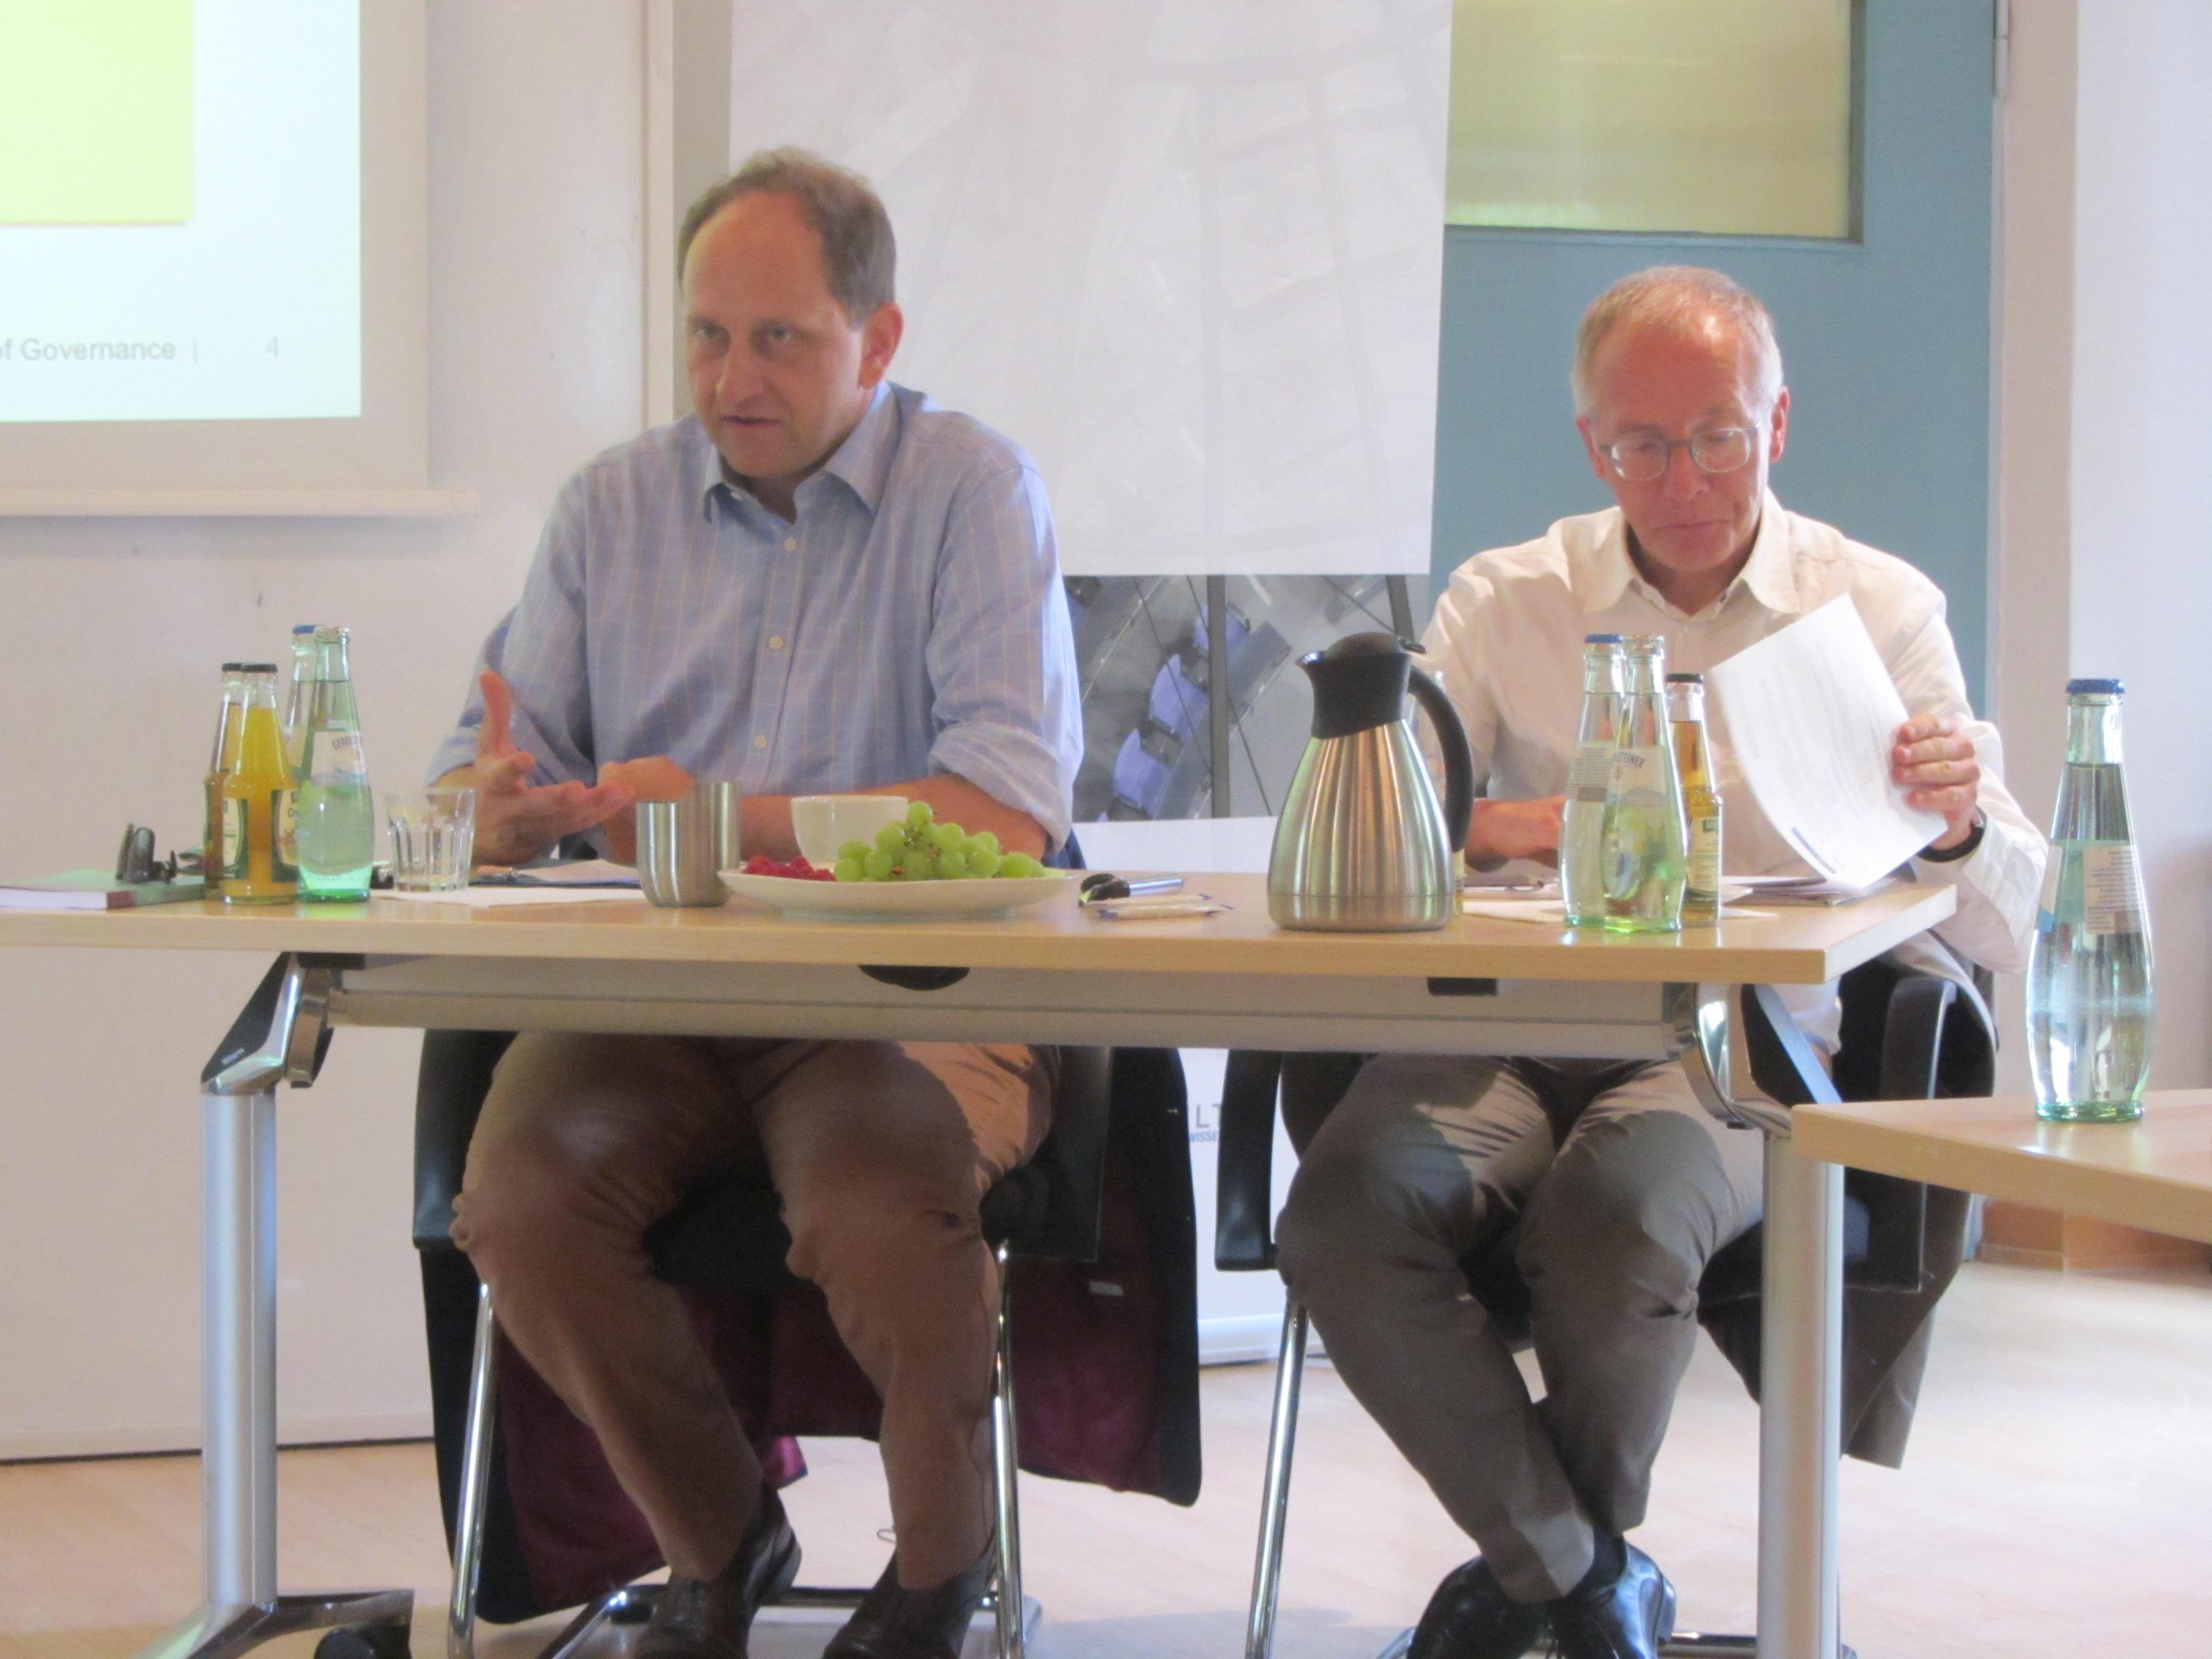 Auch FDP-Politiker Graf Lambsdorff (MdEP; links) war zu Besuch und sprach über Identität, Integration, Sicherheit und Datenschutz.